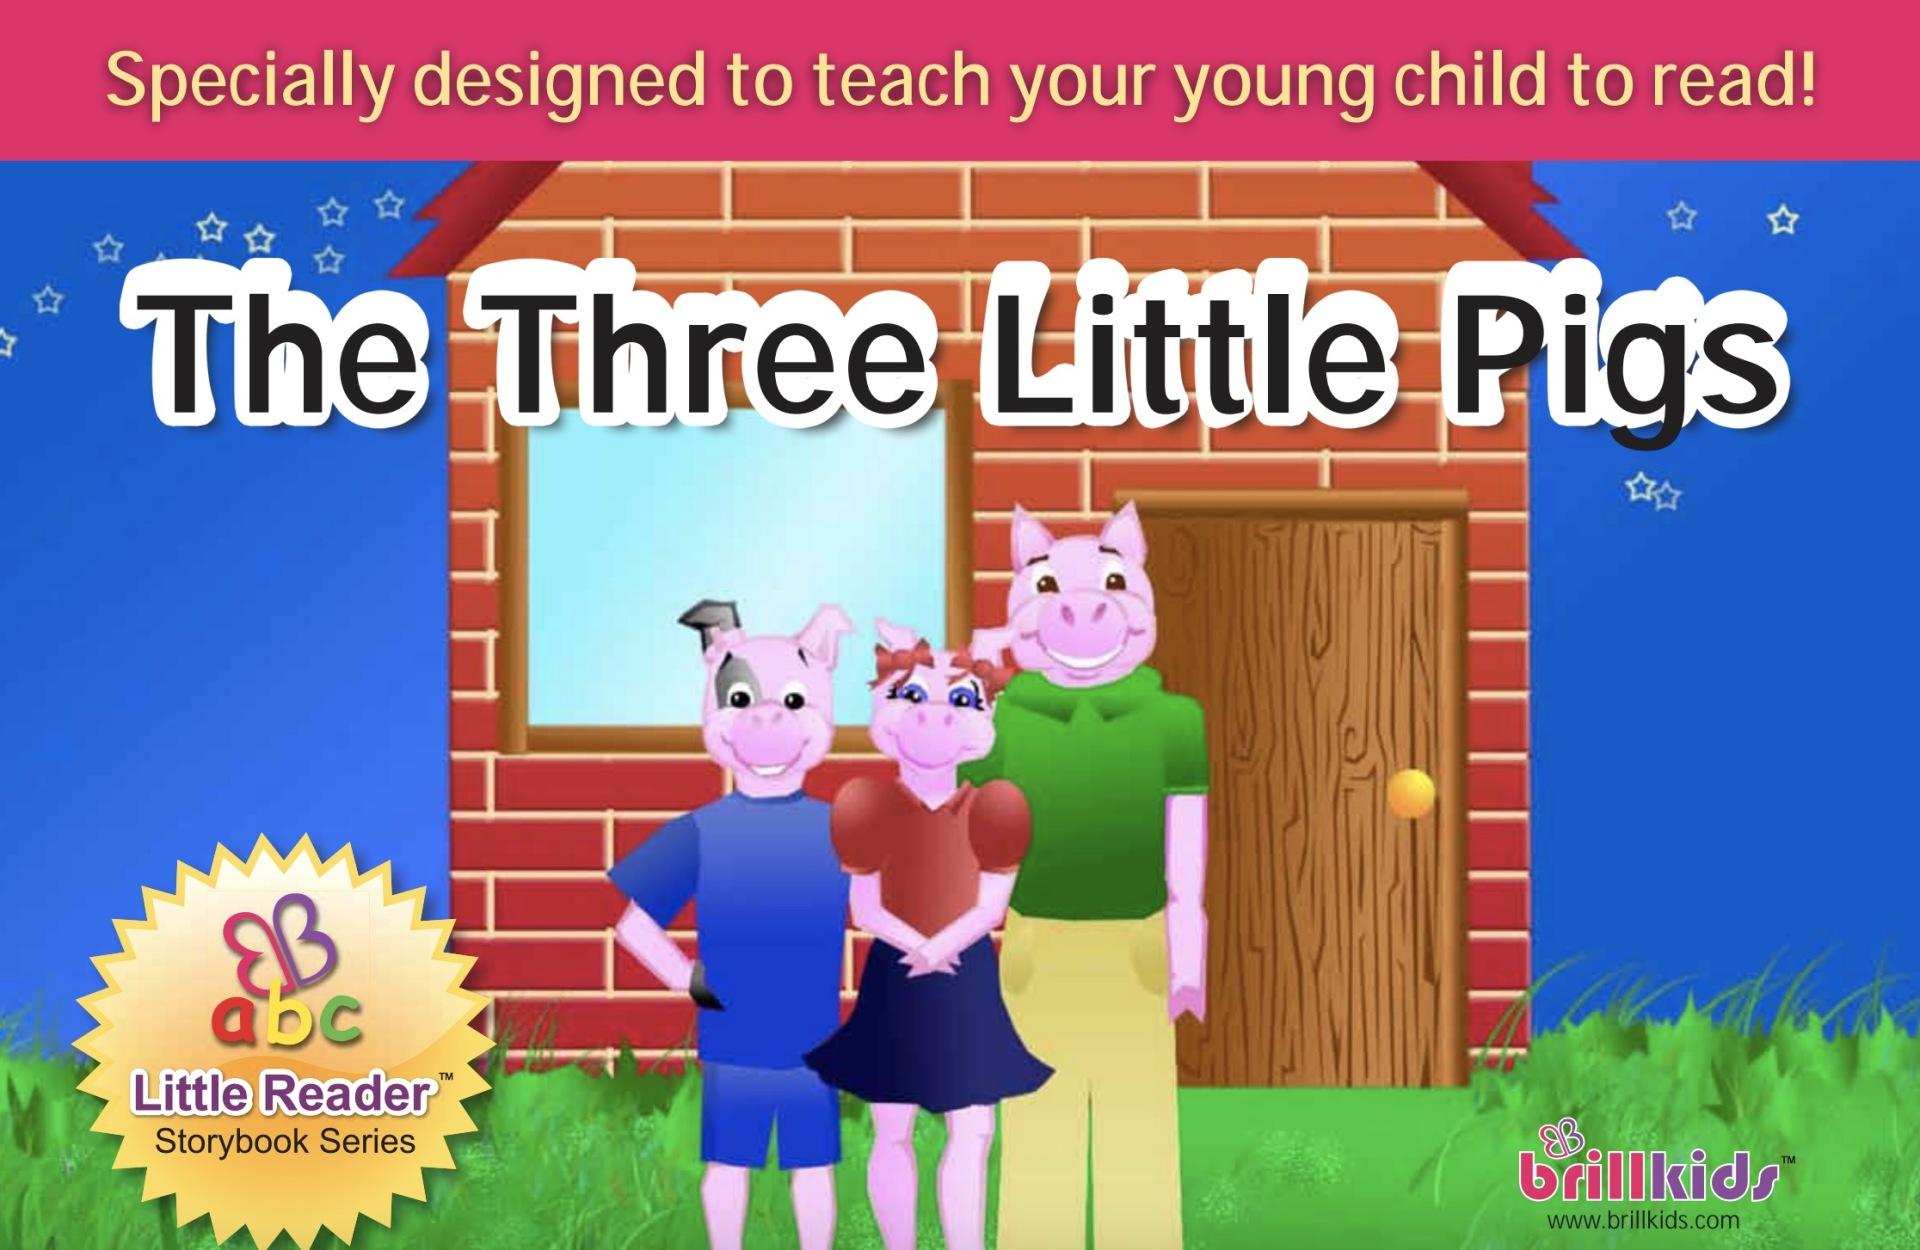 """21. ฟรี! นิทานภาษาอังกฤษ """"ลูกหมู 3 ตัว"""" มาแล้วจ้า"""